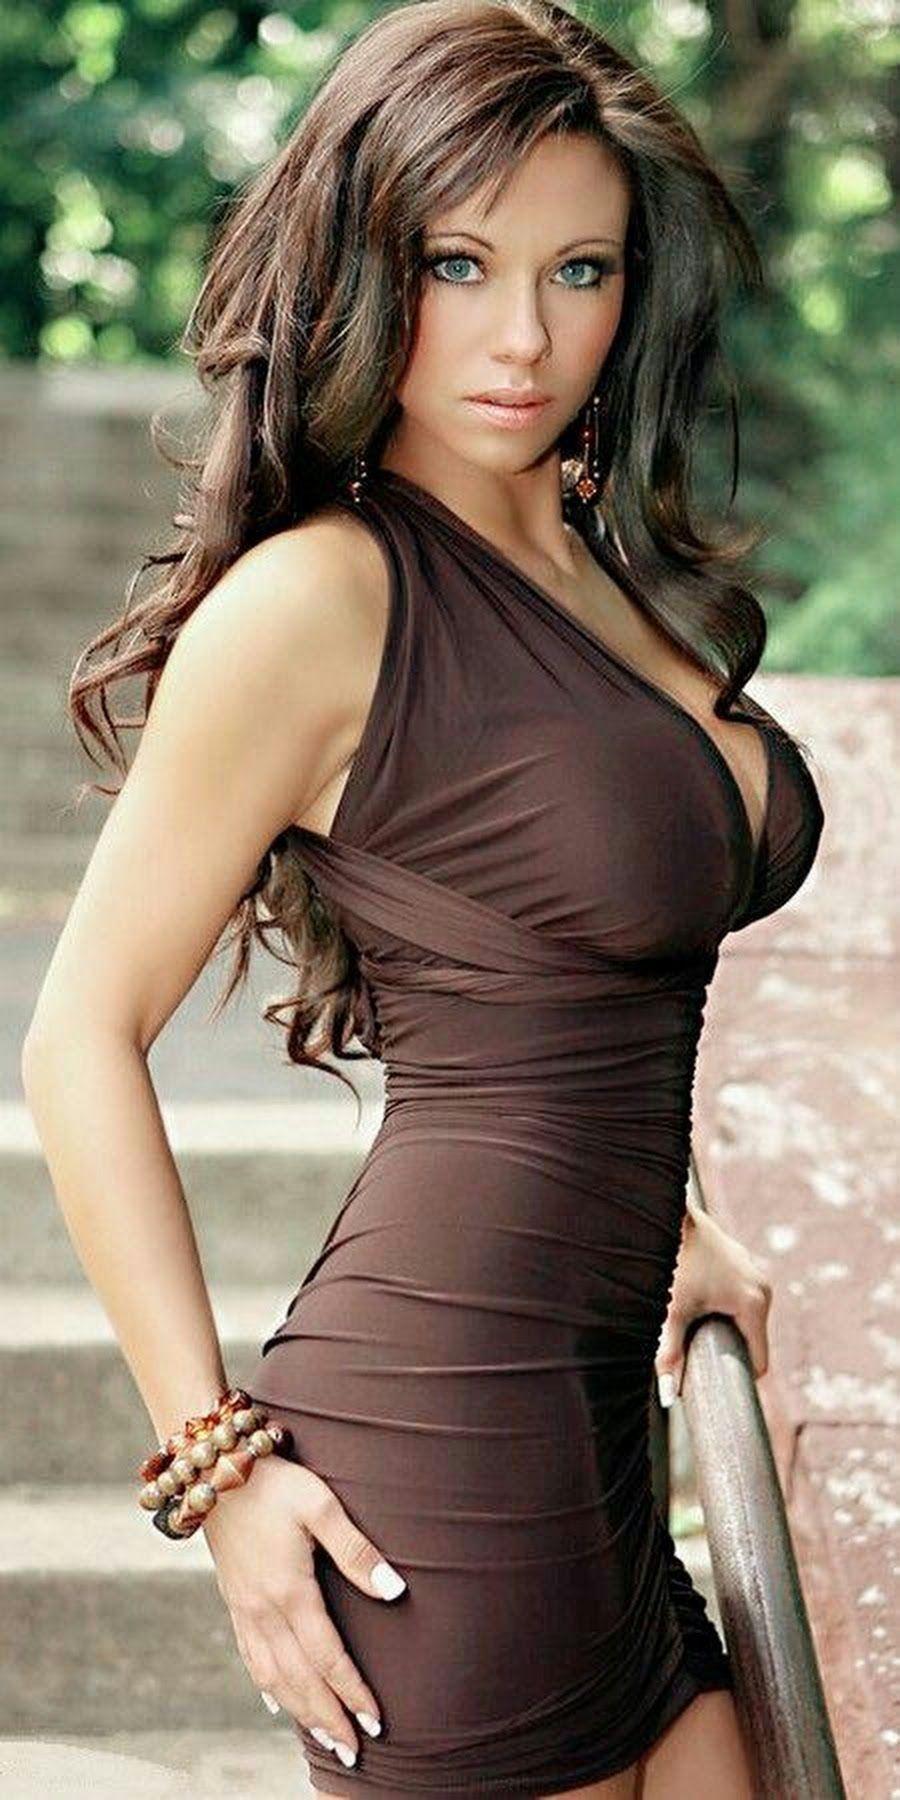 kauniita naisia etsii seksiseuraa trelleborg amk syksyn haku